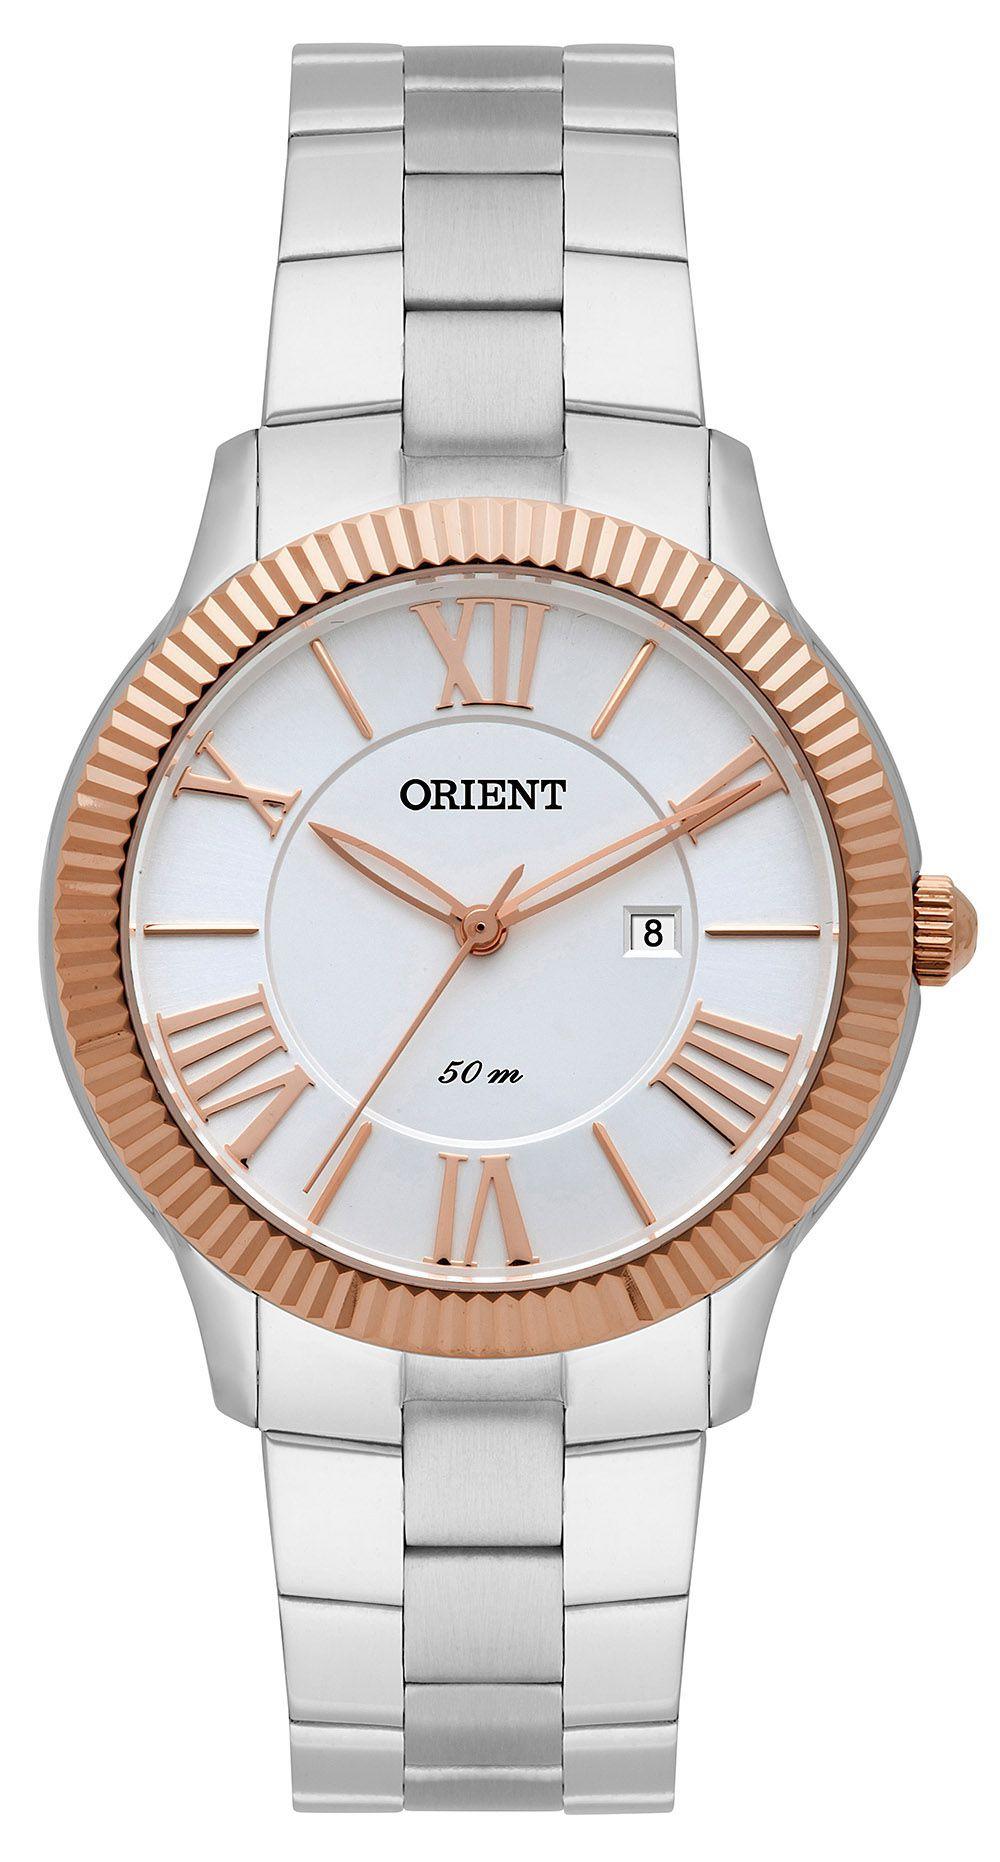 Relógio Feminino Orient FTSS1108-S3SX Prata